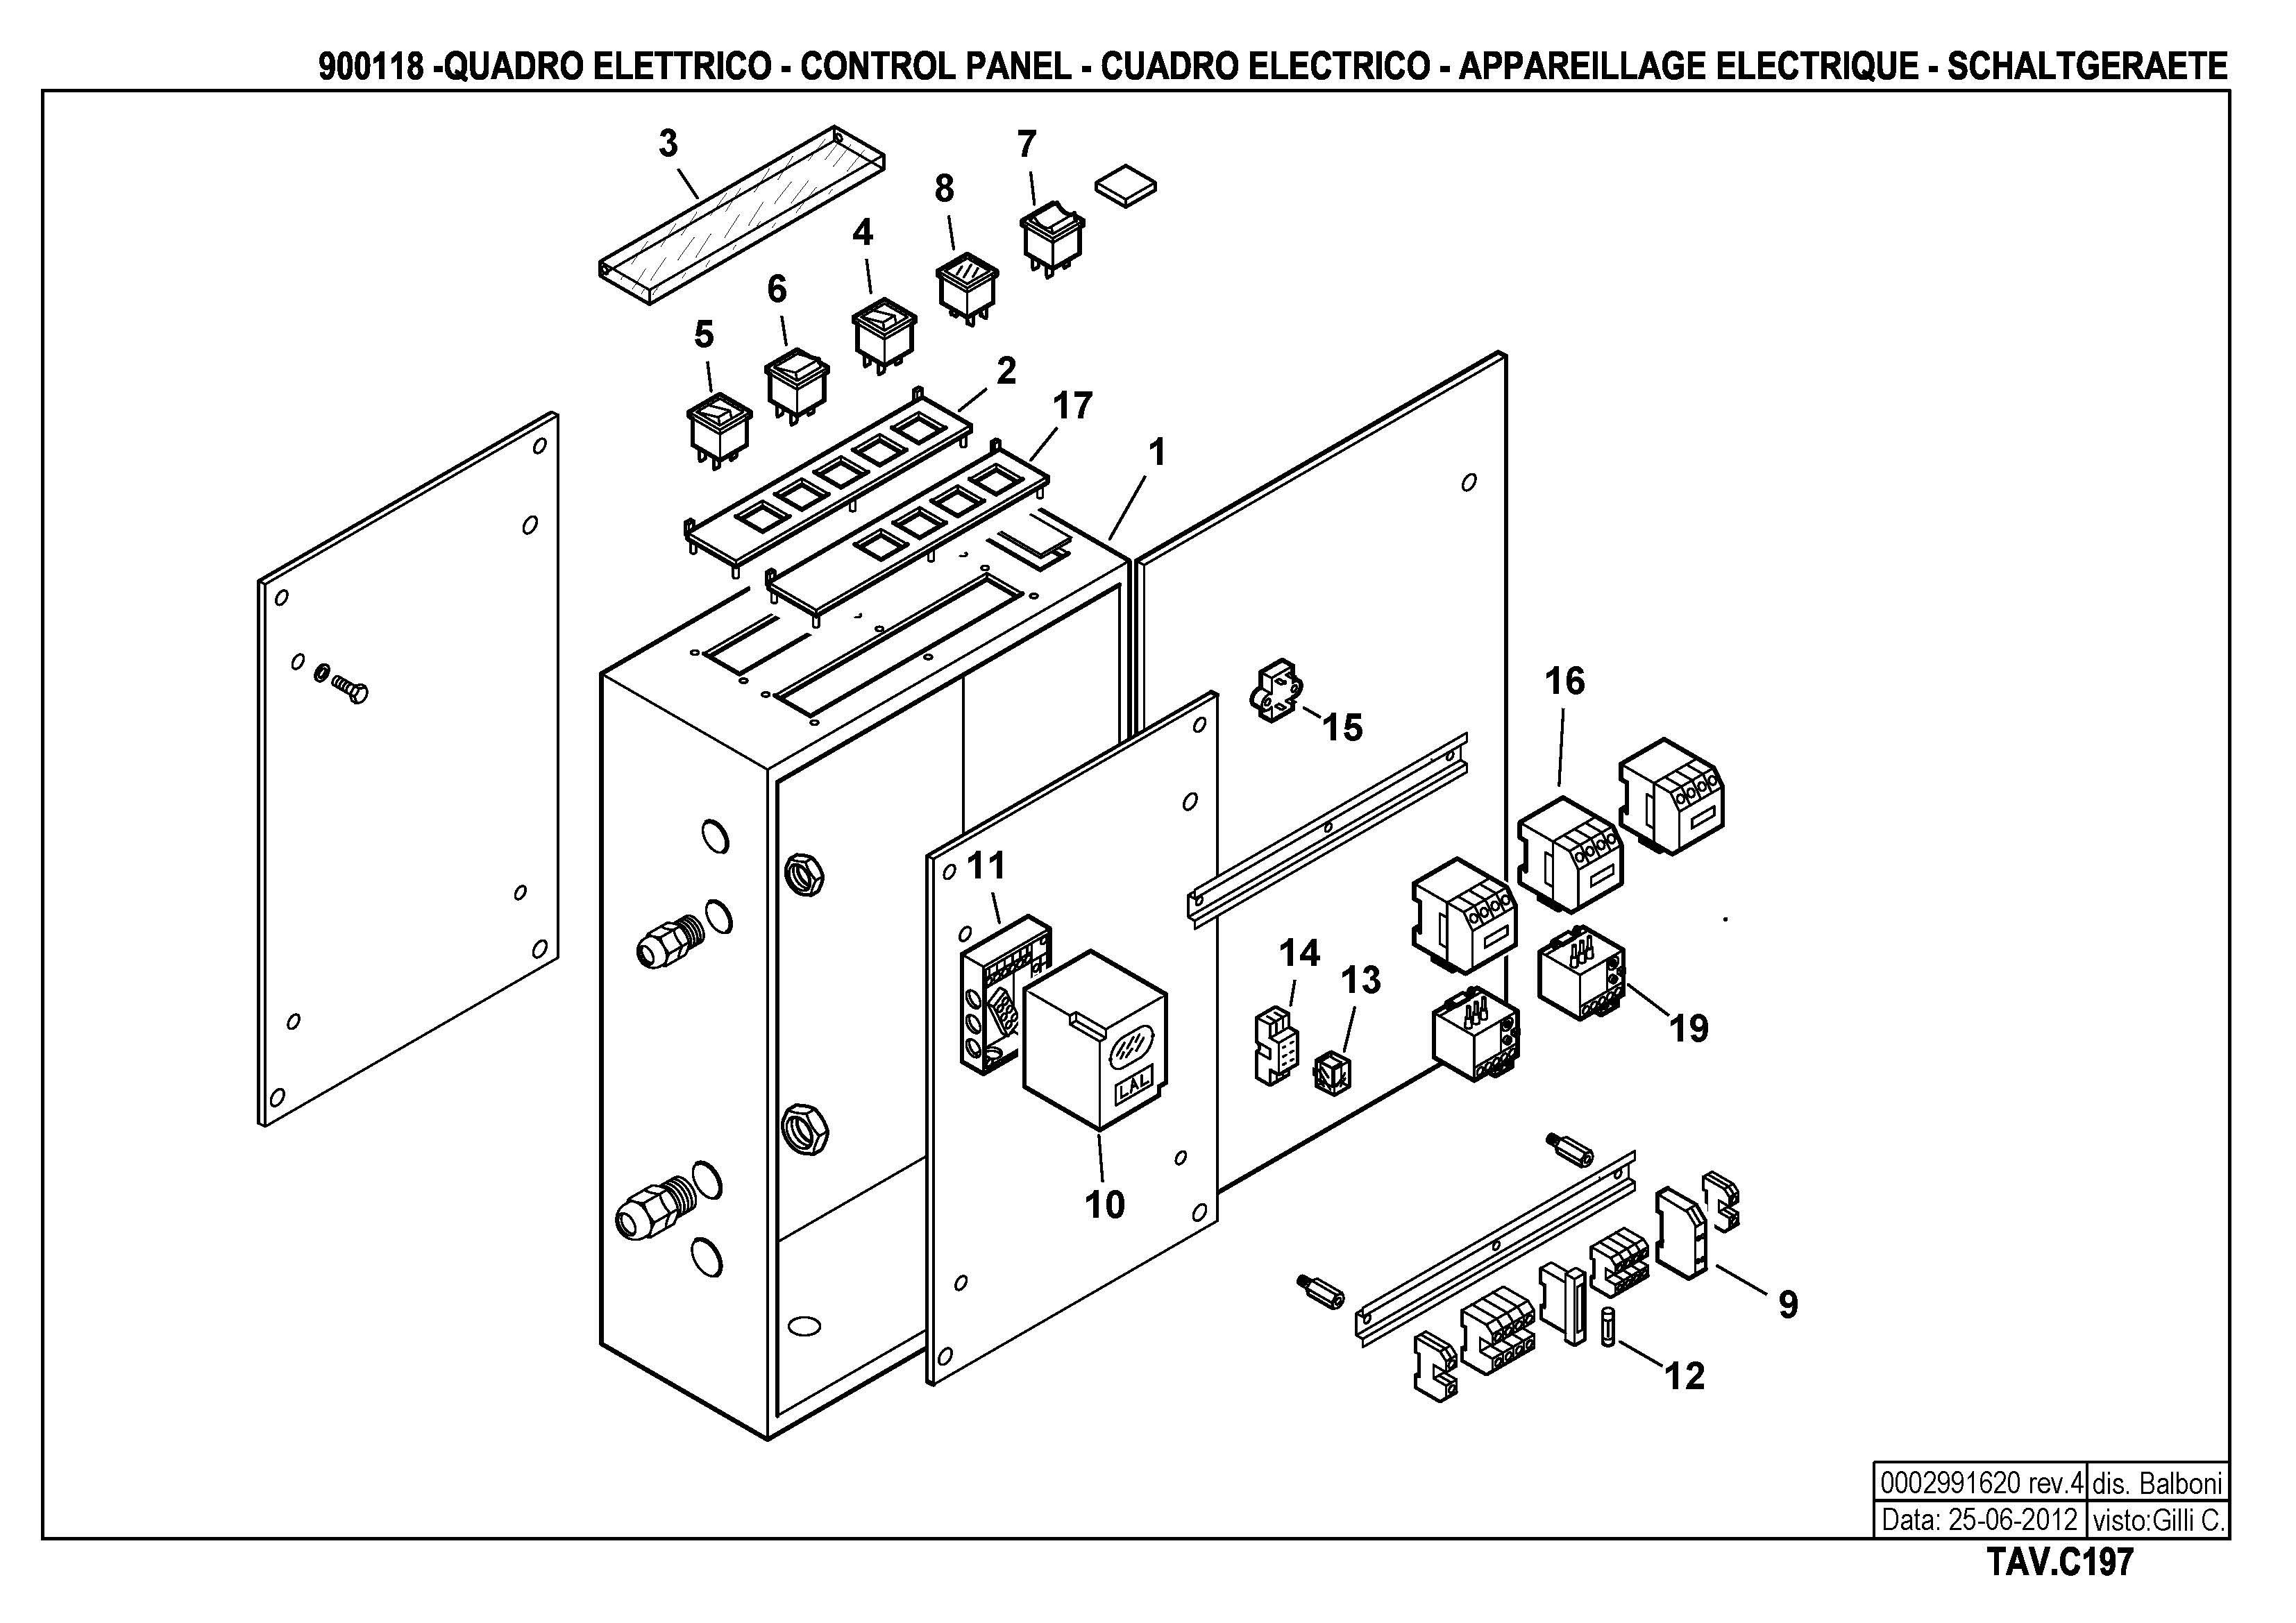 Панель управления C197 900118 4 20120625